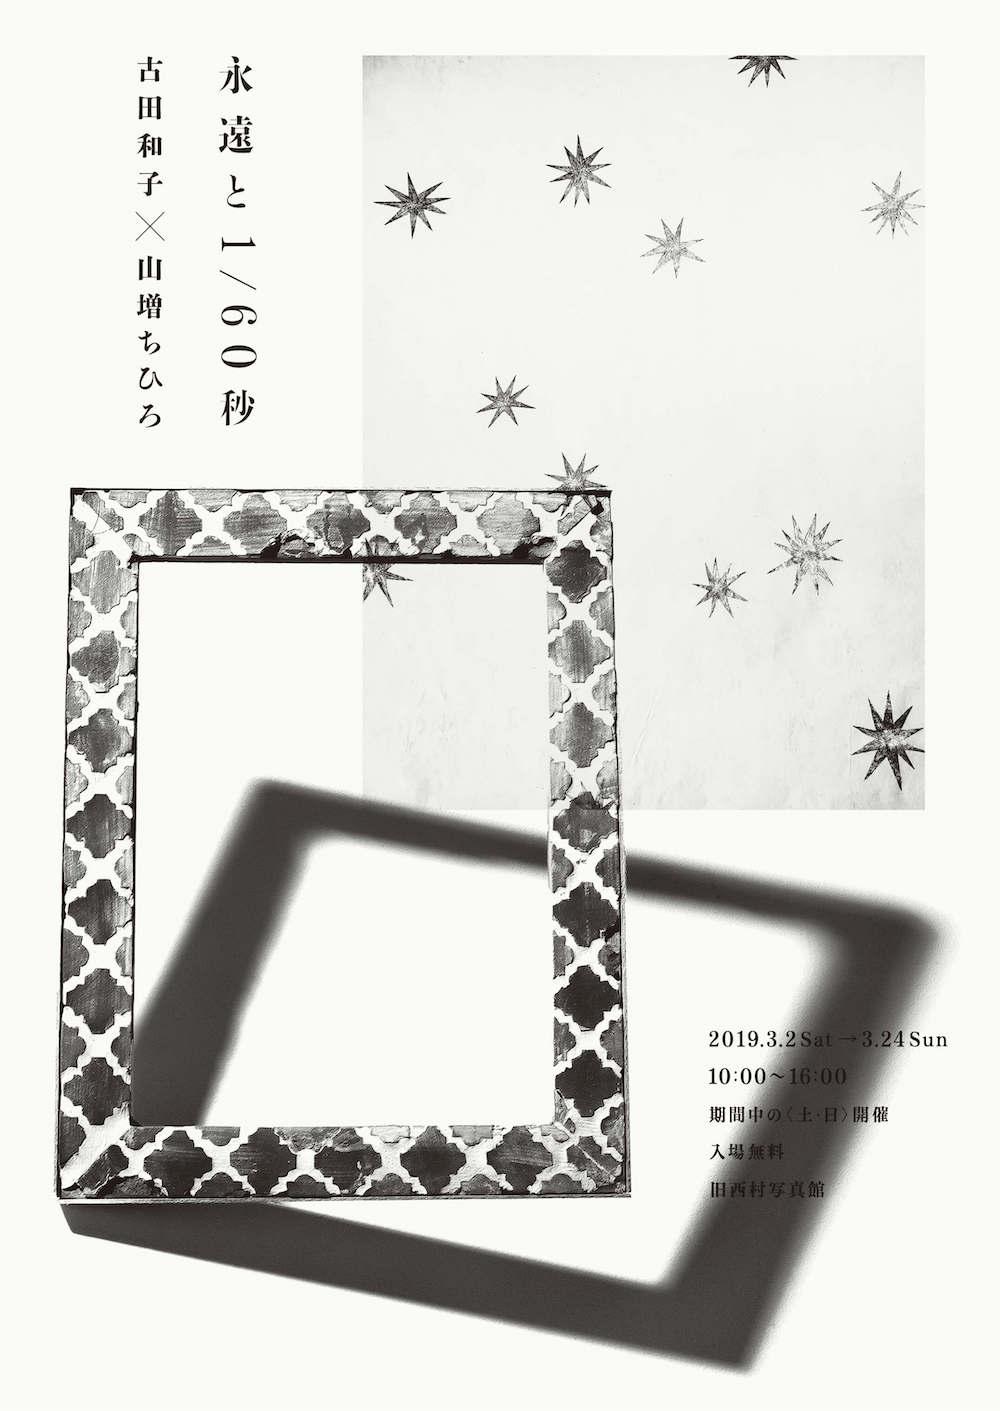 展示会「永遠と1/60秒」/古田和子×山増ちひろ